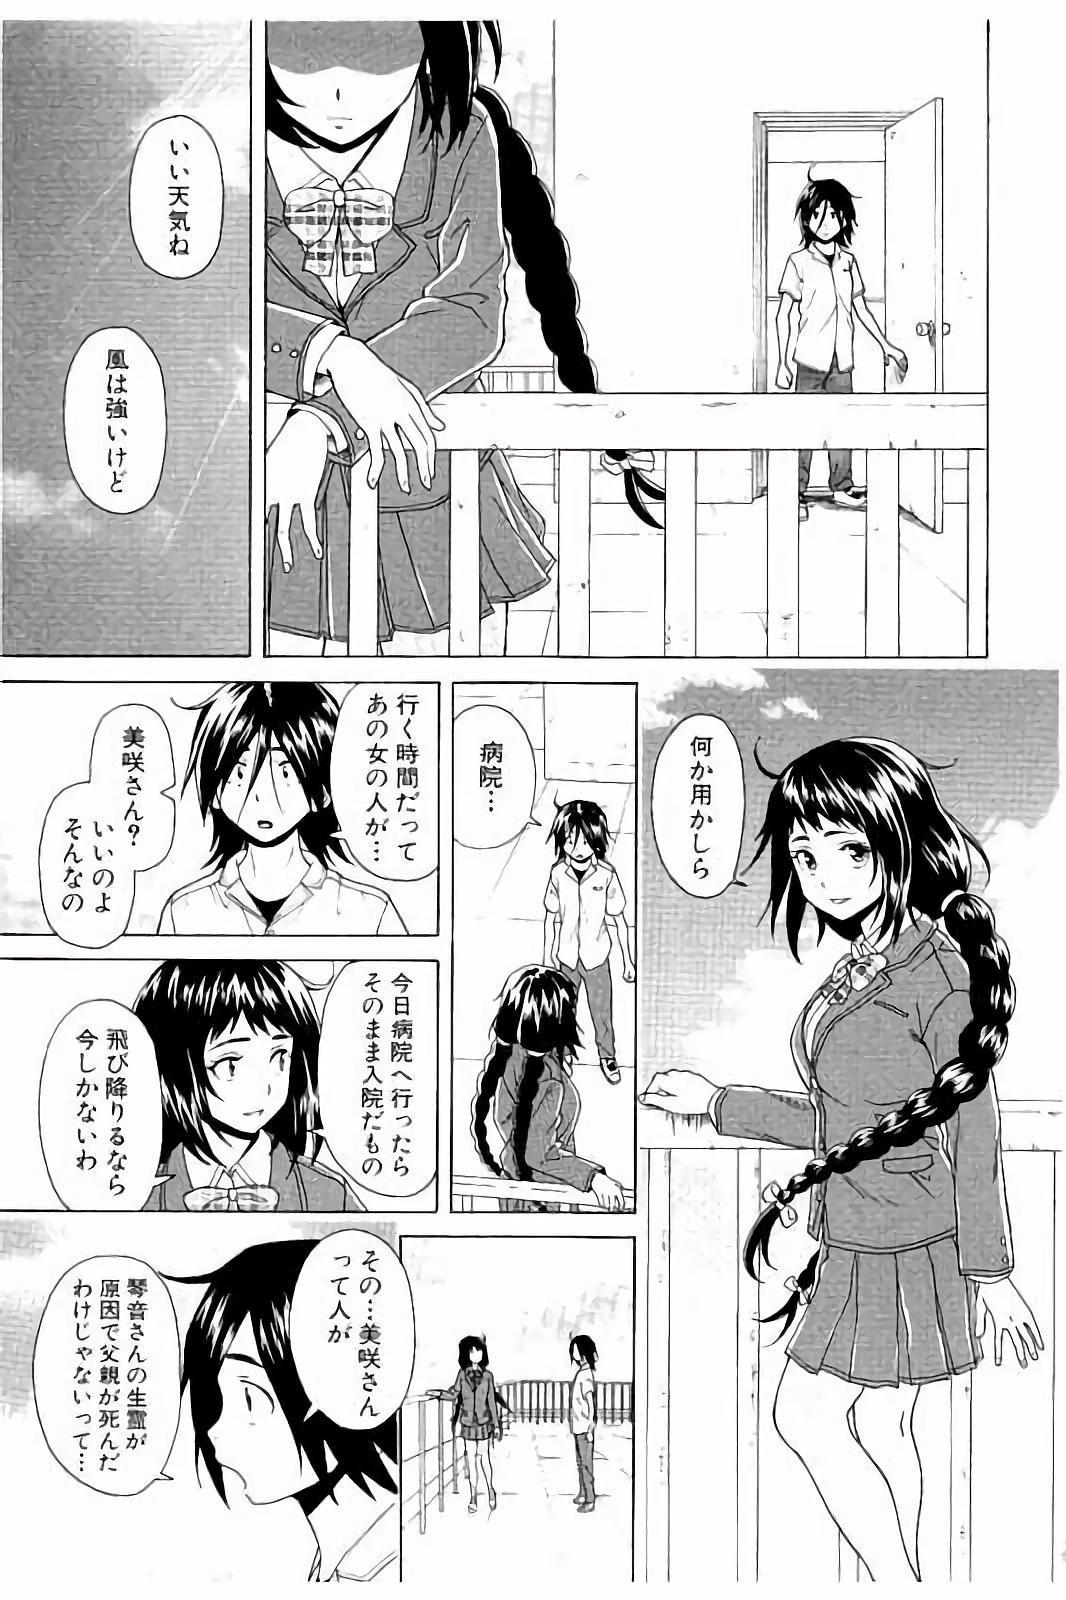 Ane no Himitsu To Boku no Jisatsu 132